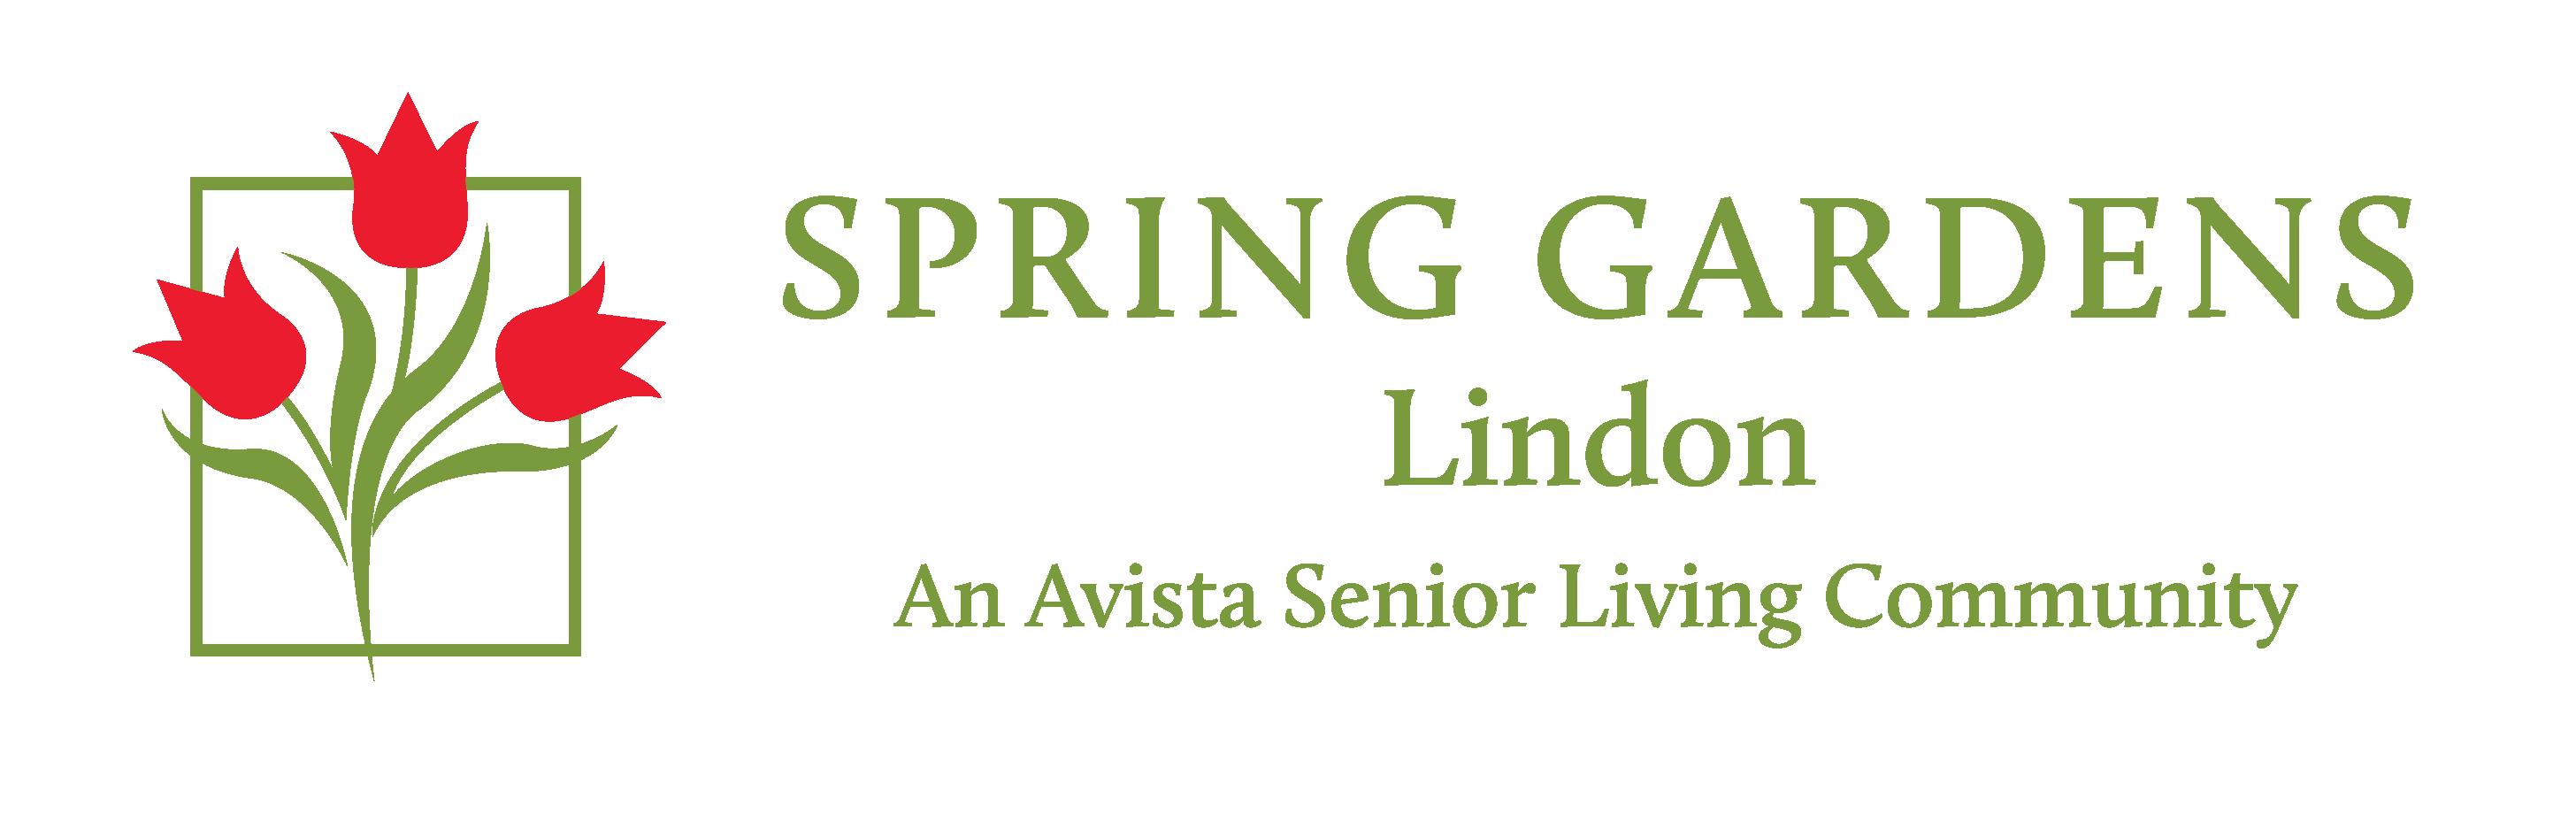 Spring Gardens Lindon